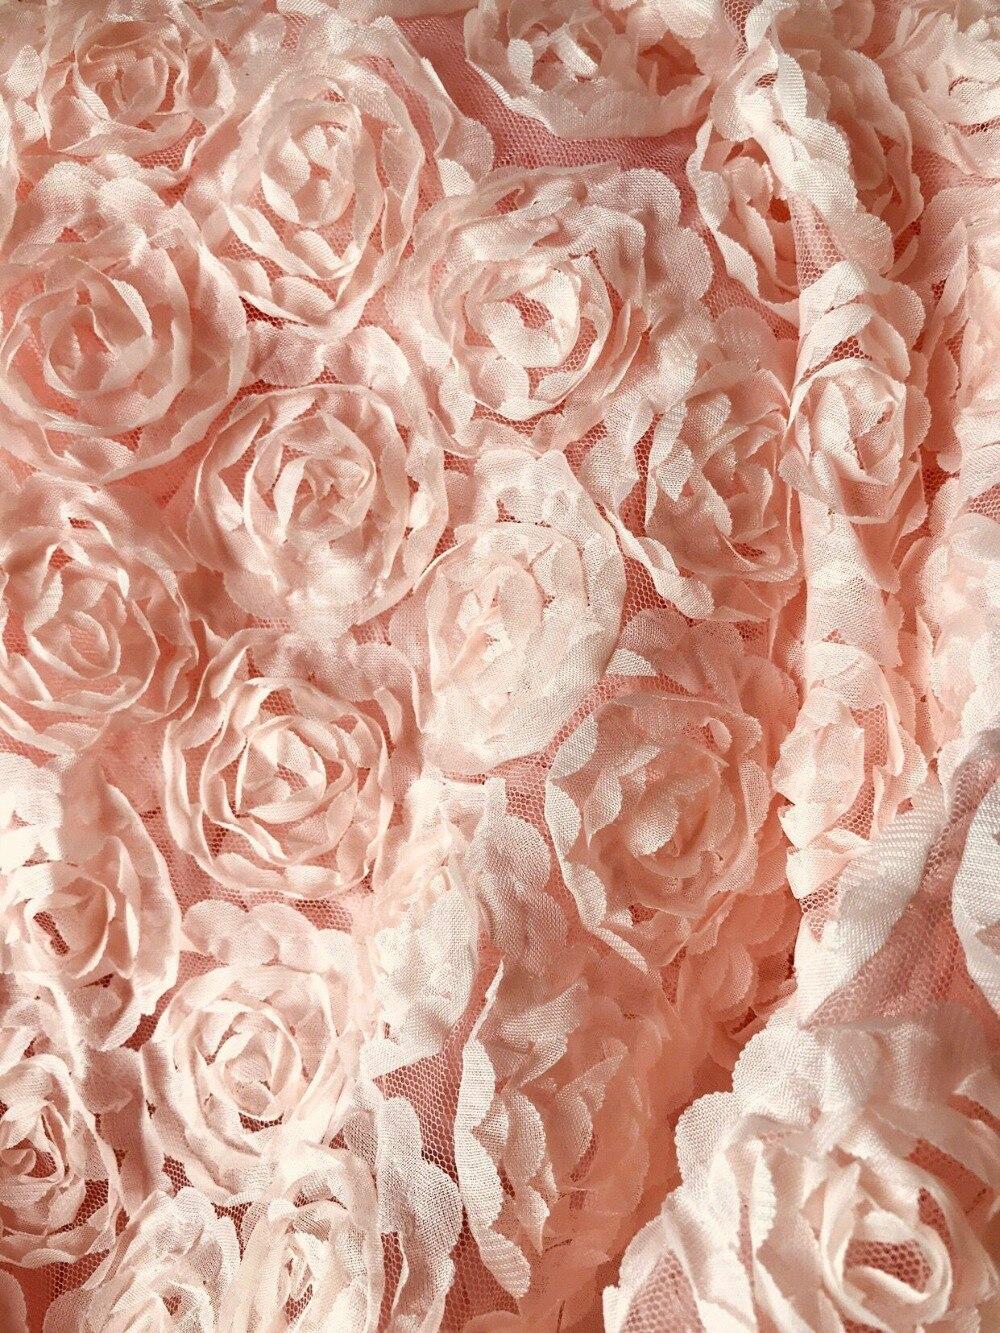 Us 208 20 Offtkanina Szyfonowa światło Różowa Róża Koronki Tkaniny 3d Koronka Z Motywem Kwiatowym Tkaniny Koronki Tkaniny Dekoracje ślubne